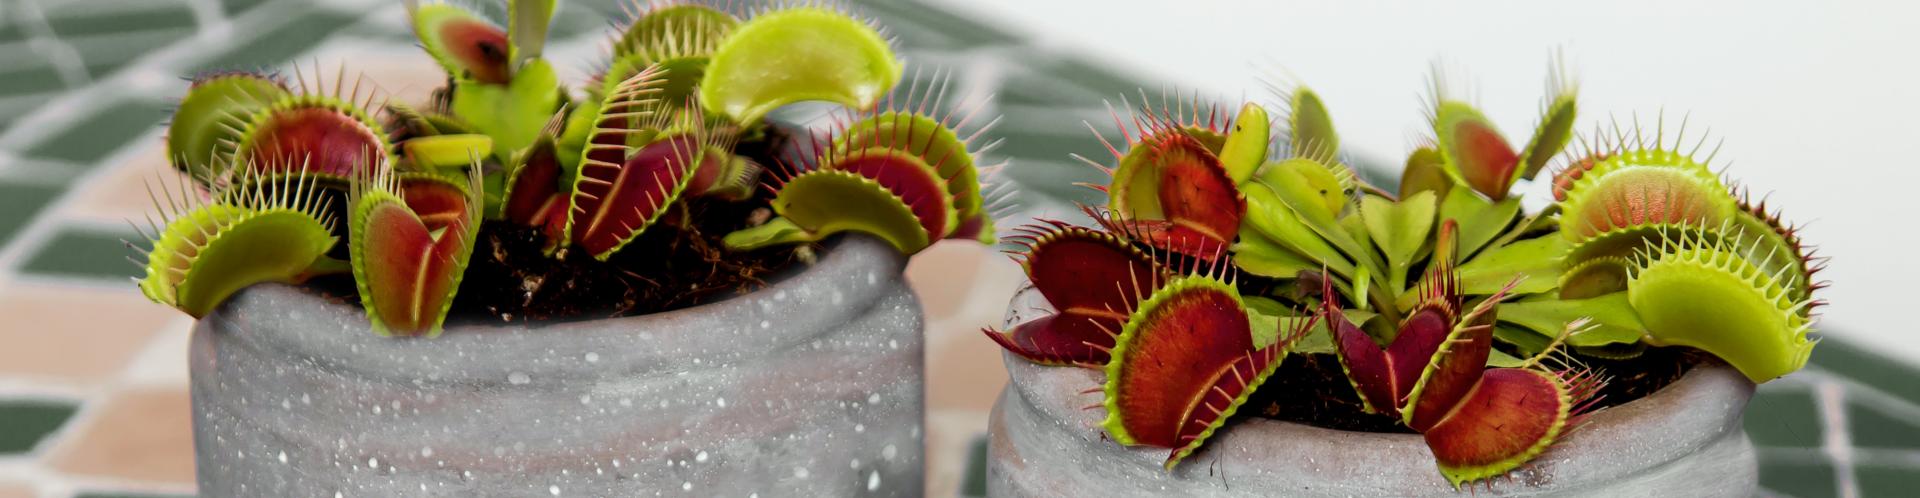 Fleischfressende Pflanze Kaufen-Slider-2